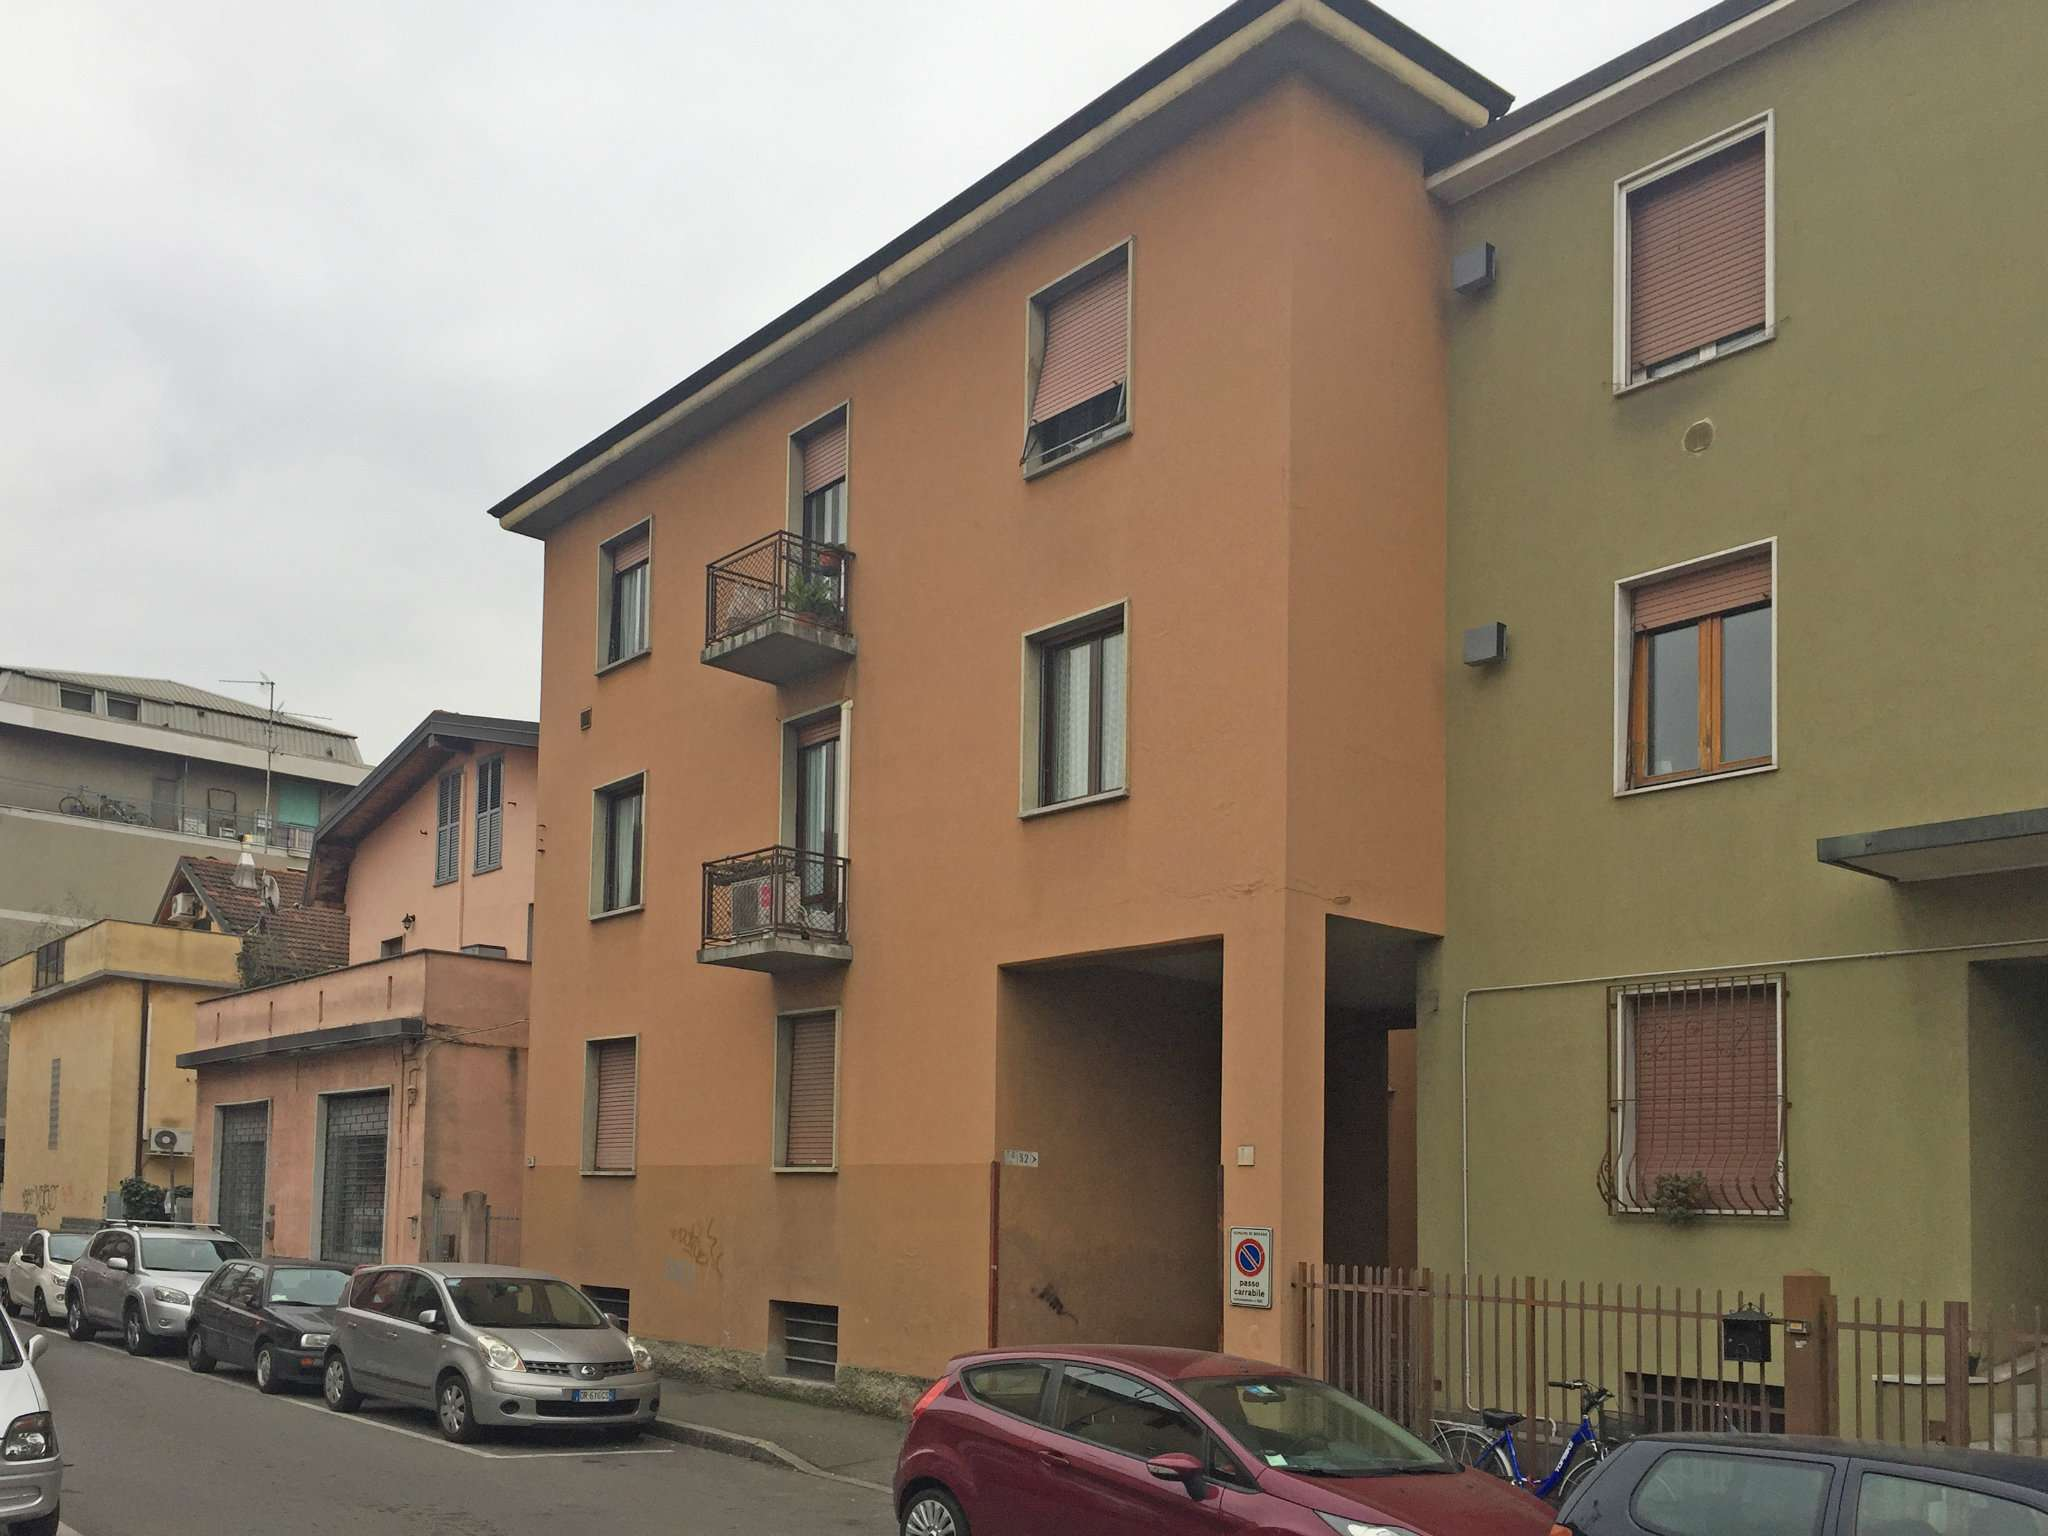 Appartamento in vendita a Bresso, 1 locali, prezzo € 37.000 | Cambio Casa.it